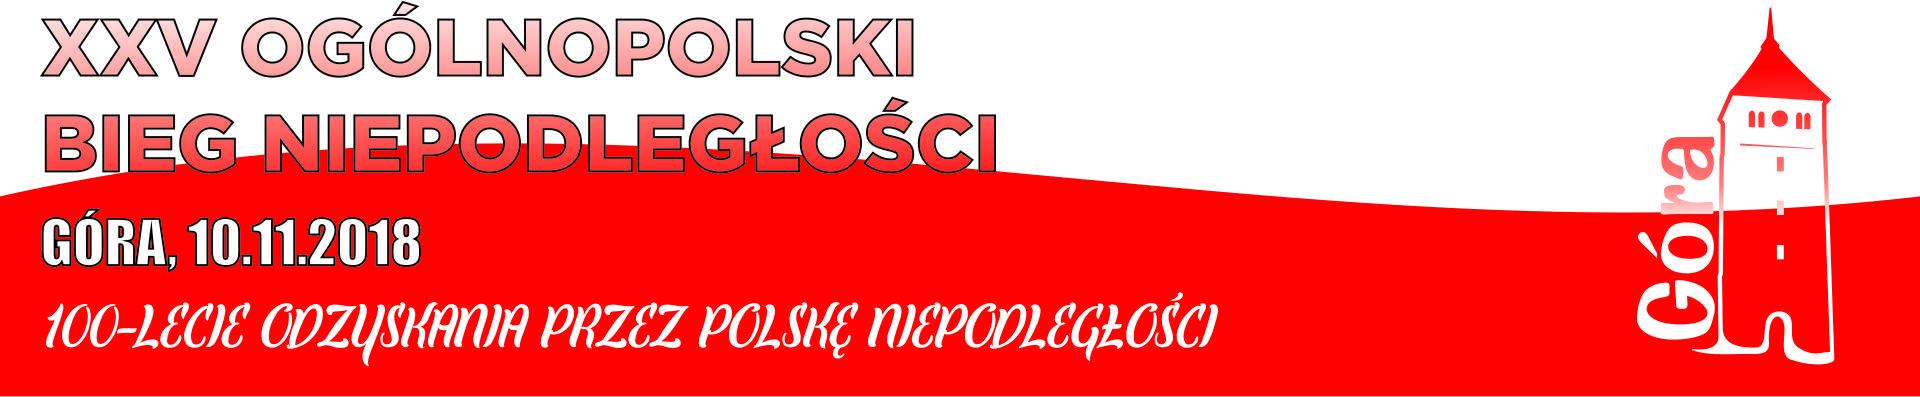 Ogólnopolski Bieg Niepodległości